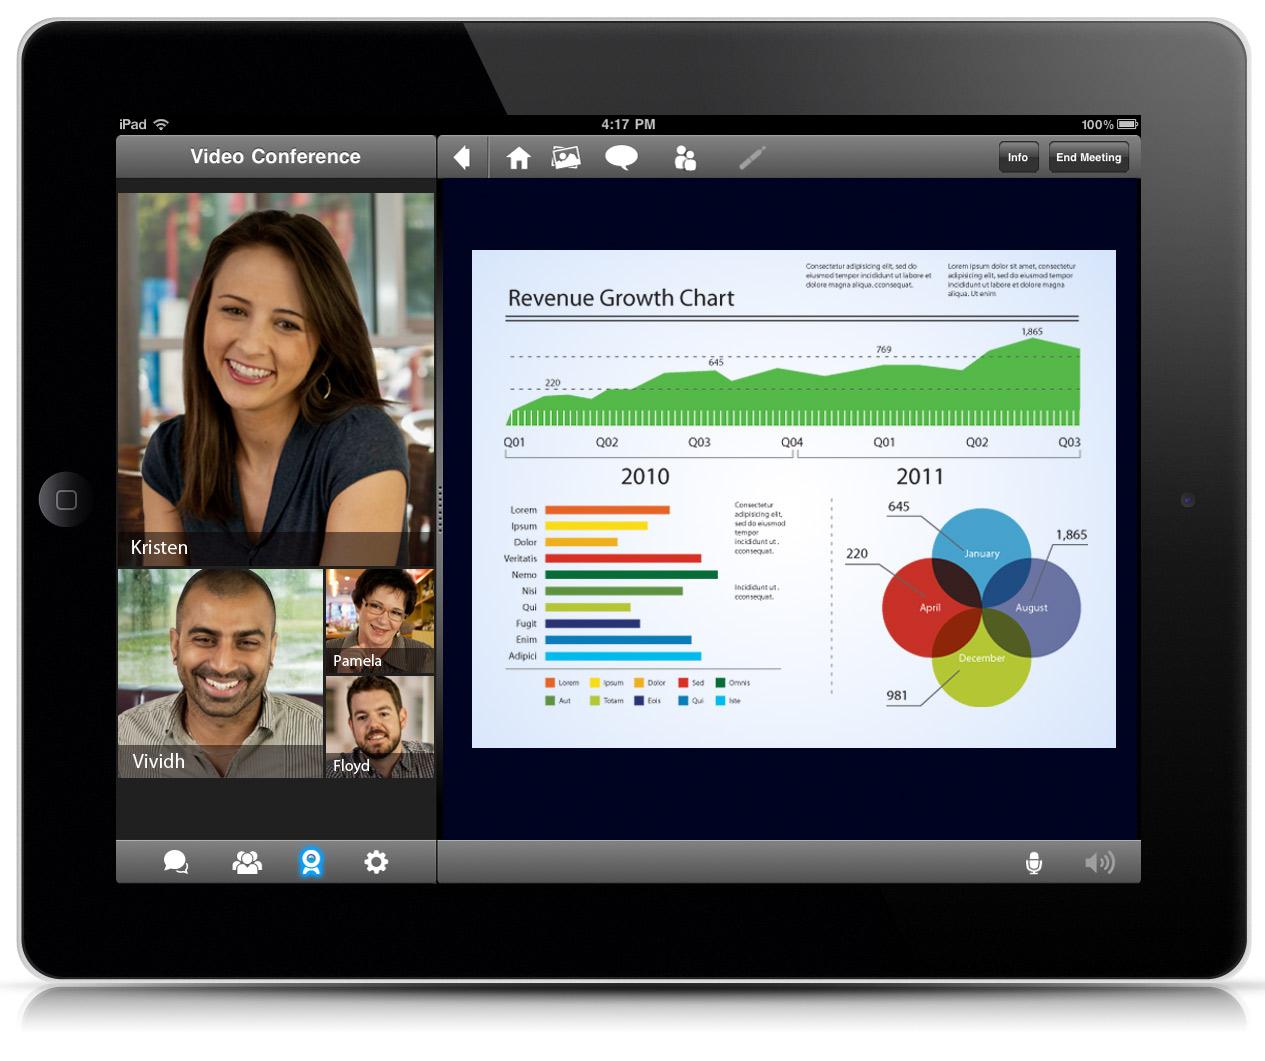 iPad verslas ir bendravimas